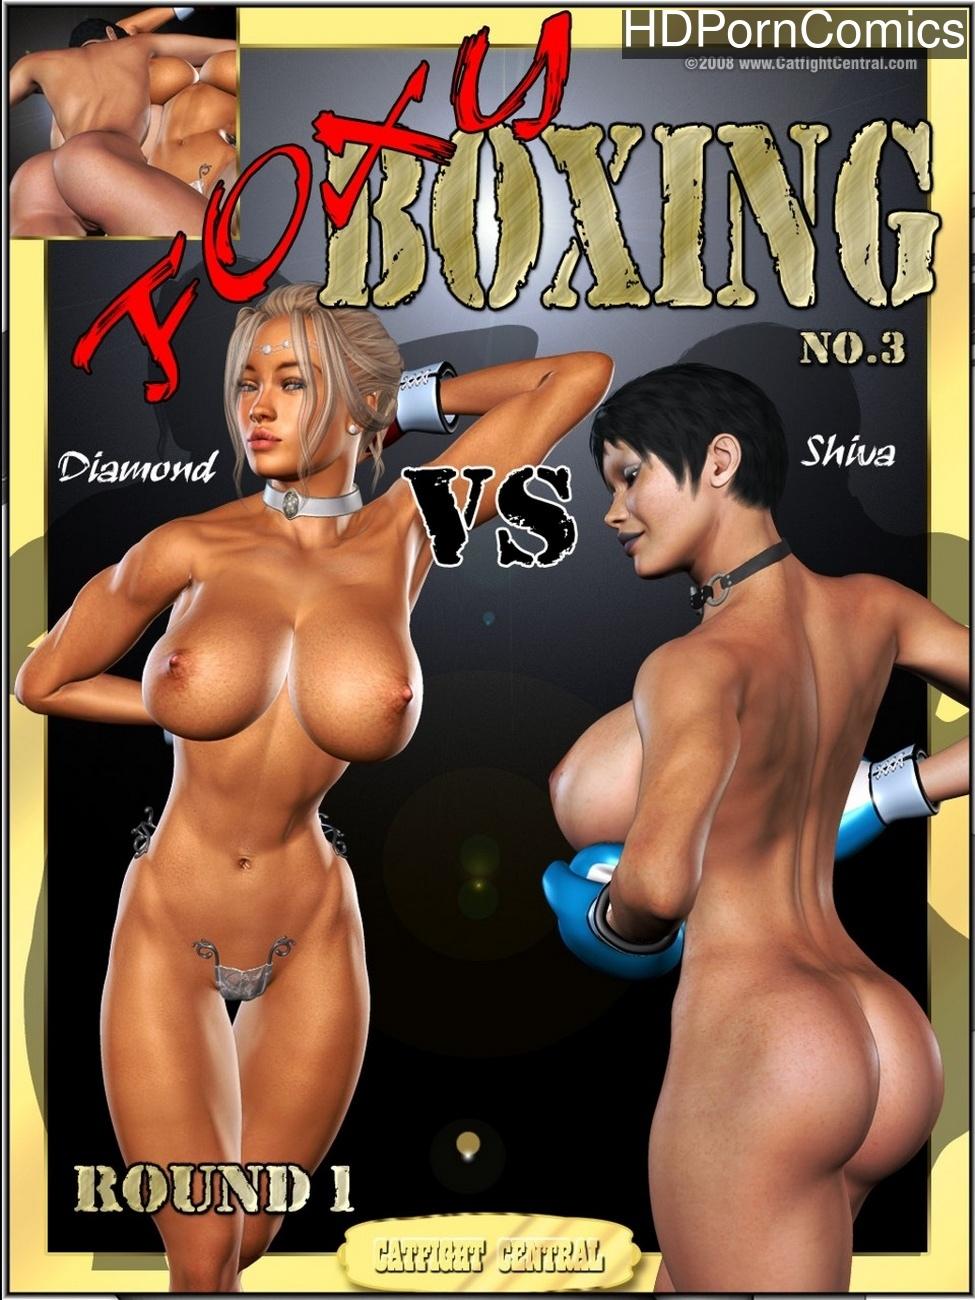 Foxy Boxing 3 – Diamond Vs Shiva – Round 1 comic porn